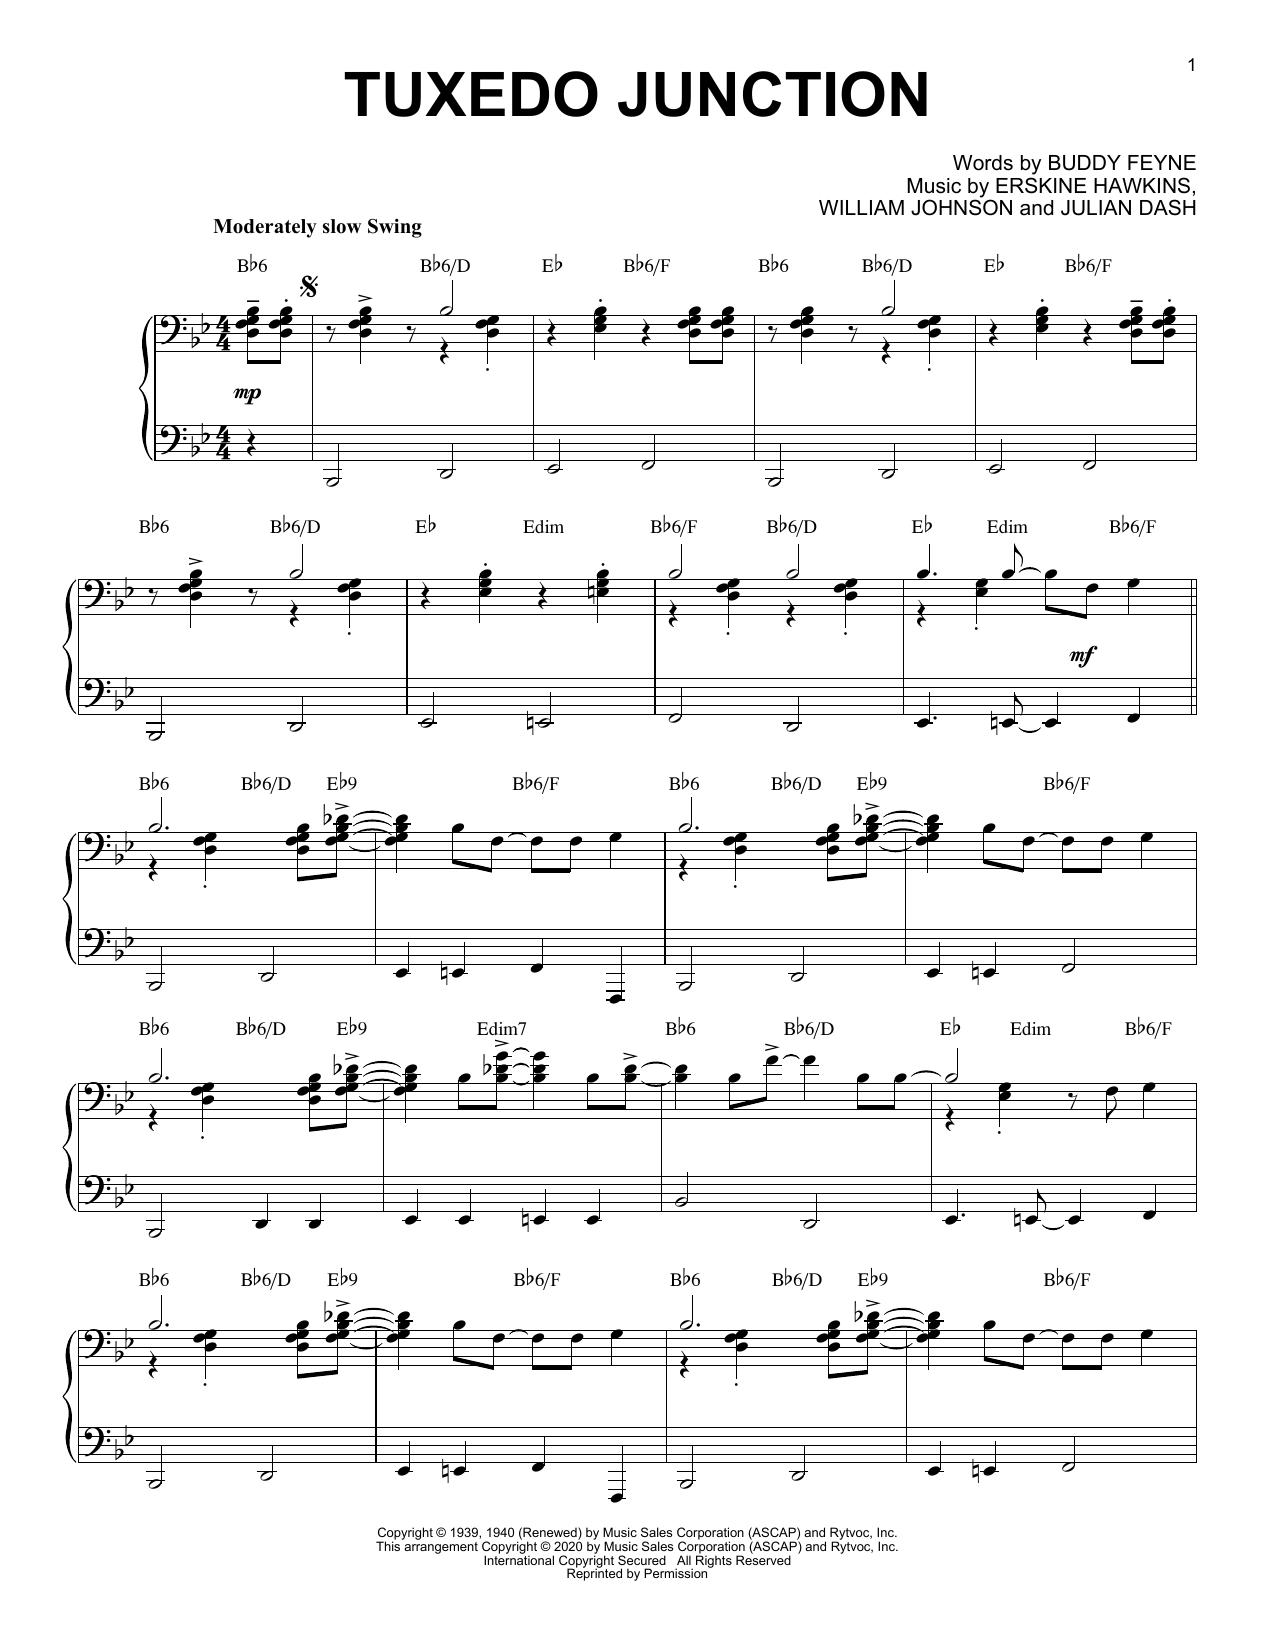 Buddy Feyne Tuxedo Junction [Jazz version] (arr. Brent Edstrom) sheet music notes printable PDF score